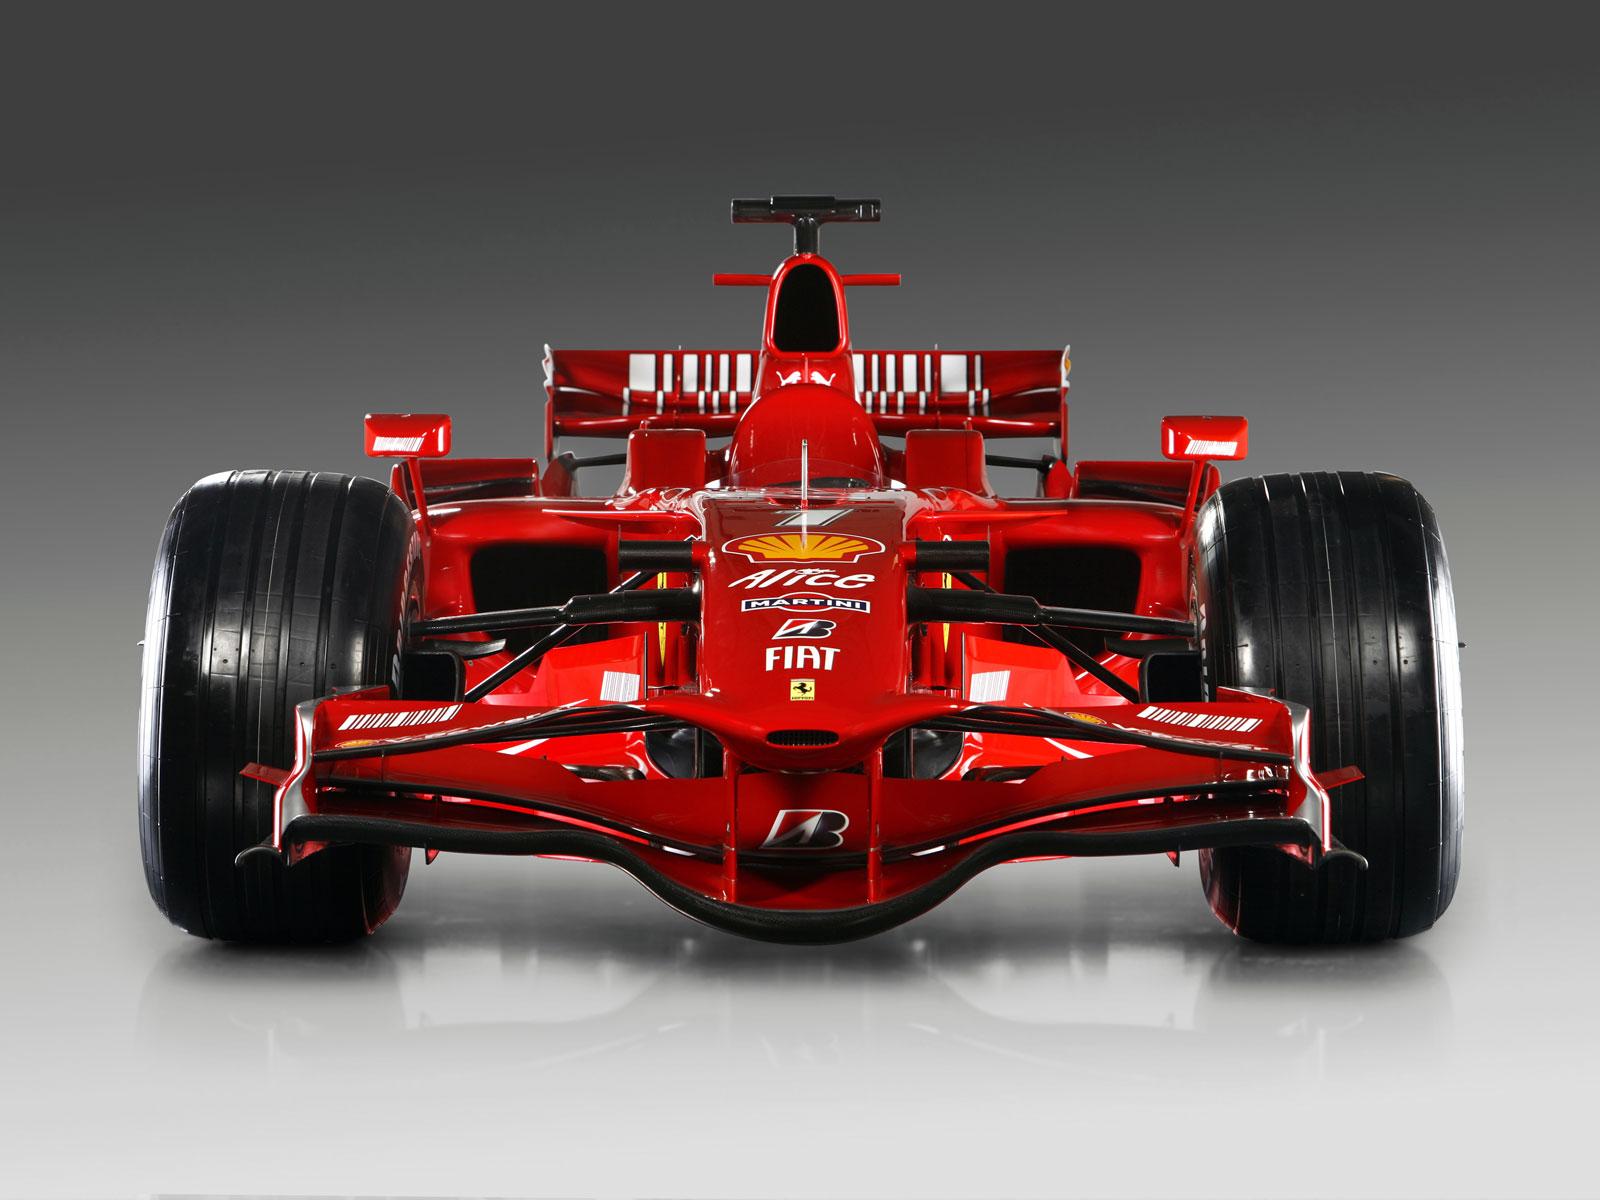 hd racing cars s 20